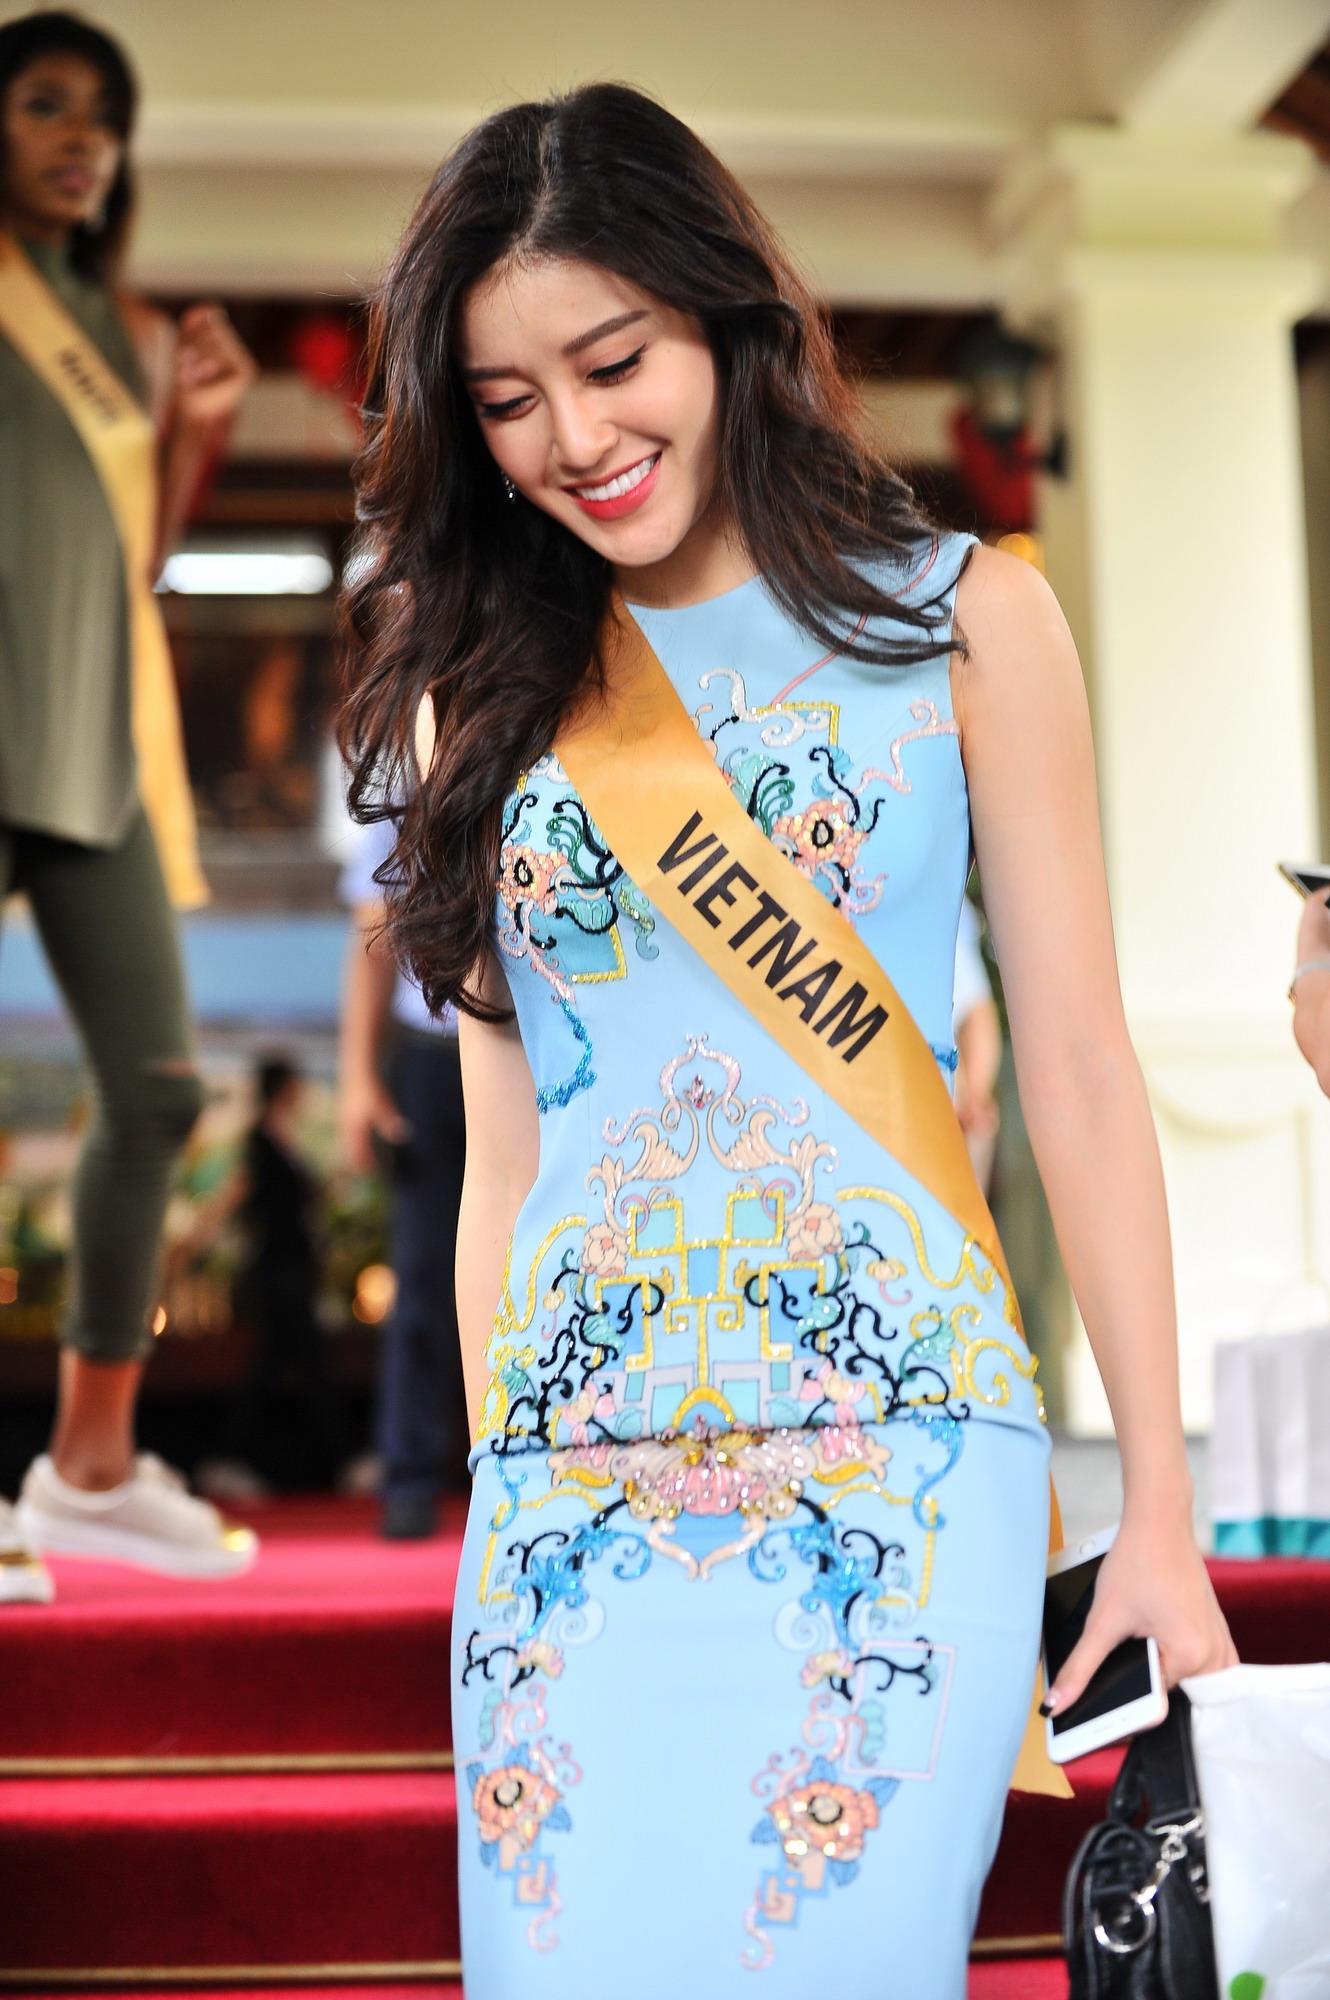 Huyền My xinh đẹp đọ sắc cùng các thí sinh Miss Grand International tại động Thiên Đường - Ảnh 1.